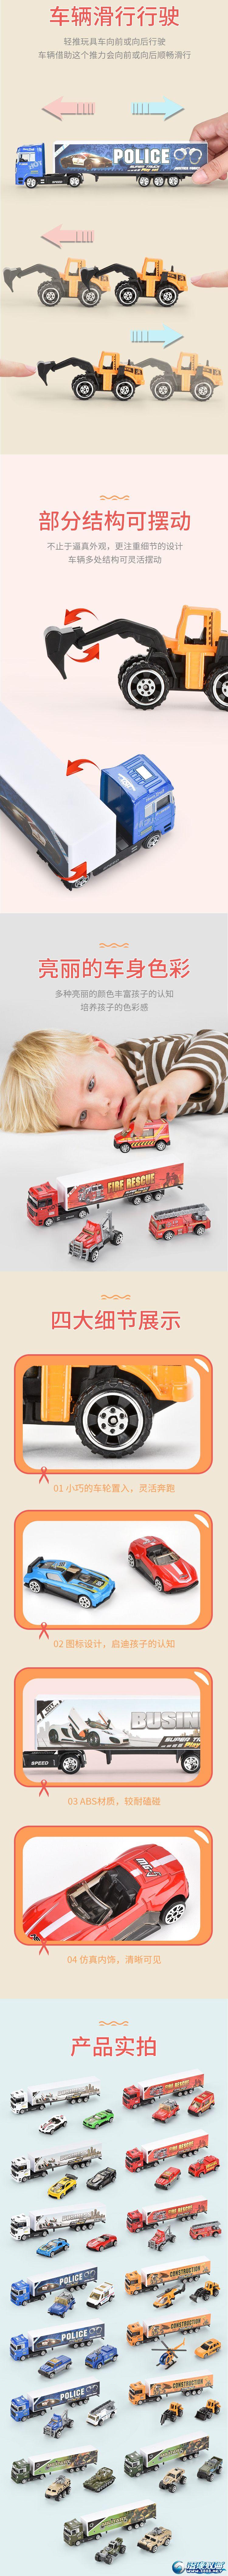 天纳玩具厂-(TN-1046)-合金车模型-中文详情页_03.jpg